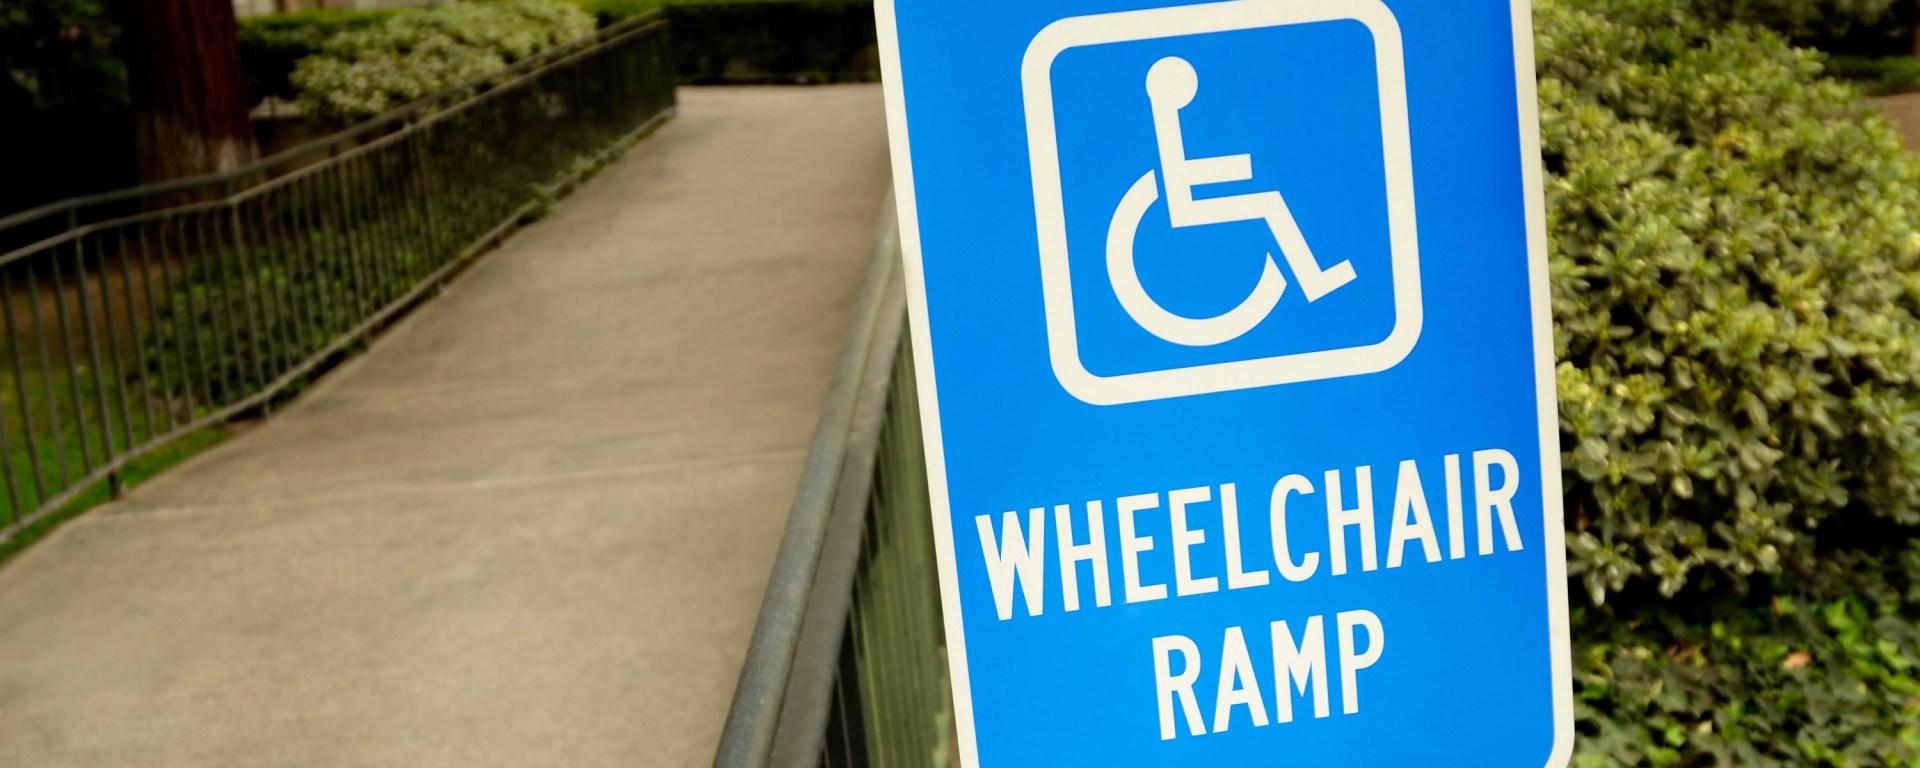 handicap wheelchair ramp sign